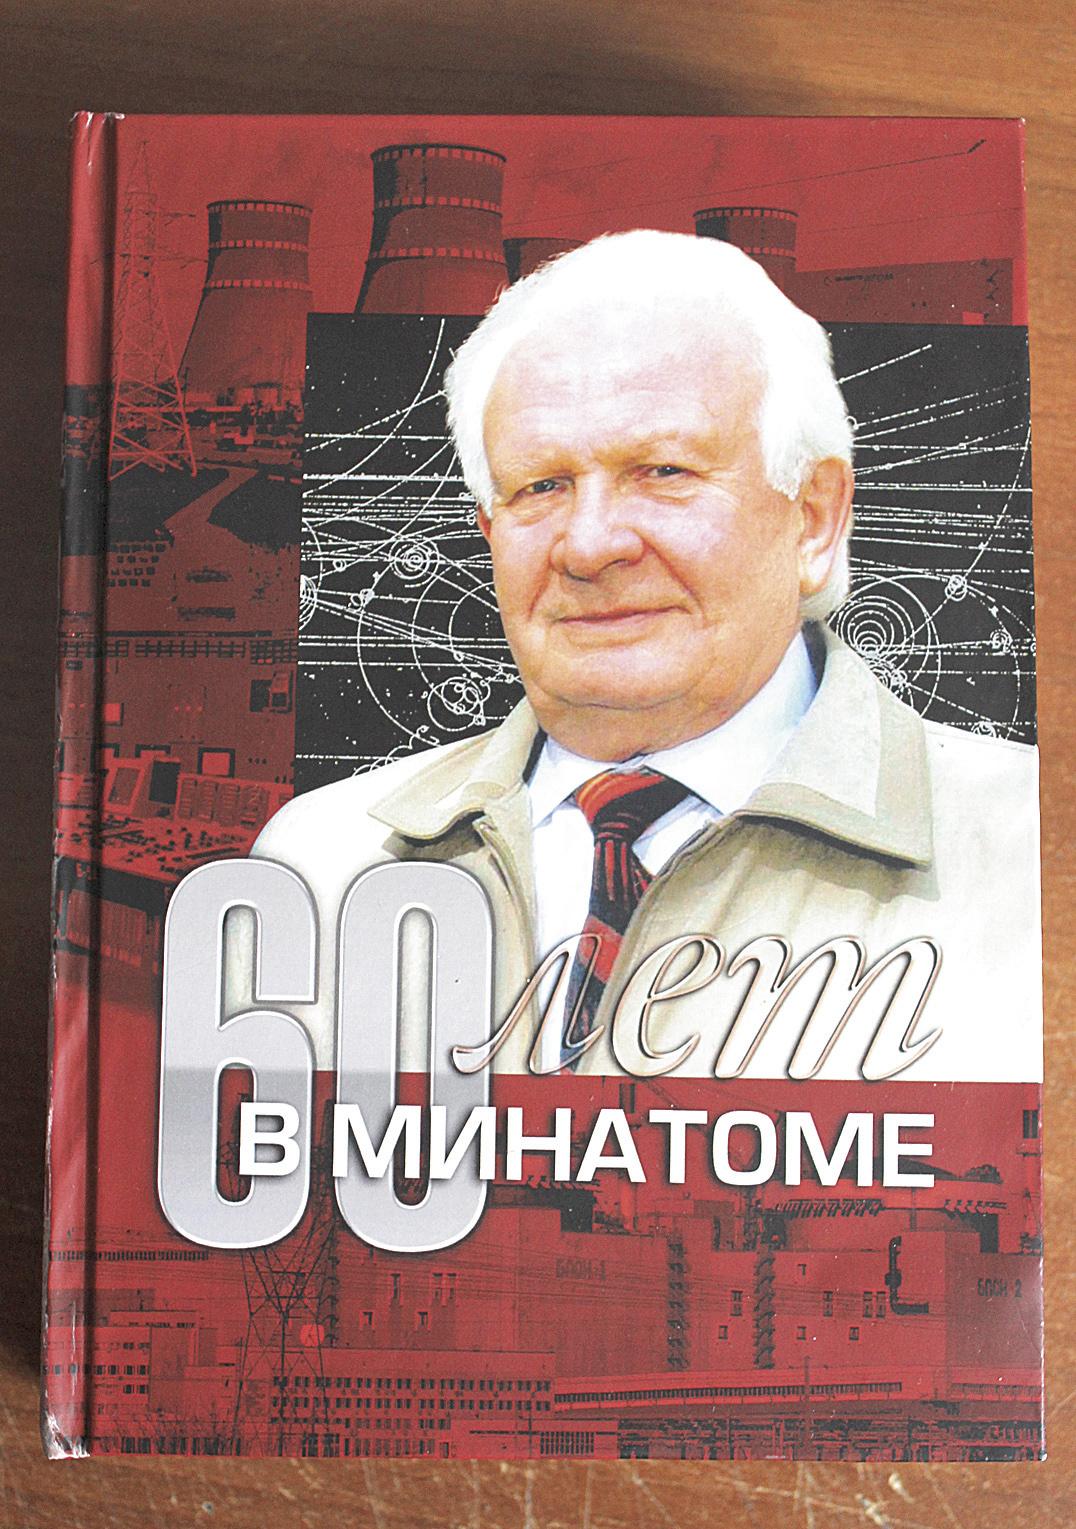 Борис Гедройц:  из почтового ящика в Минатом